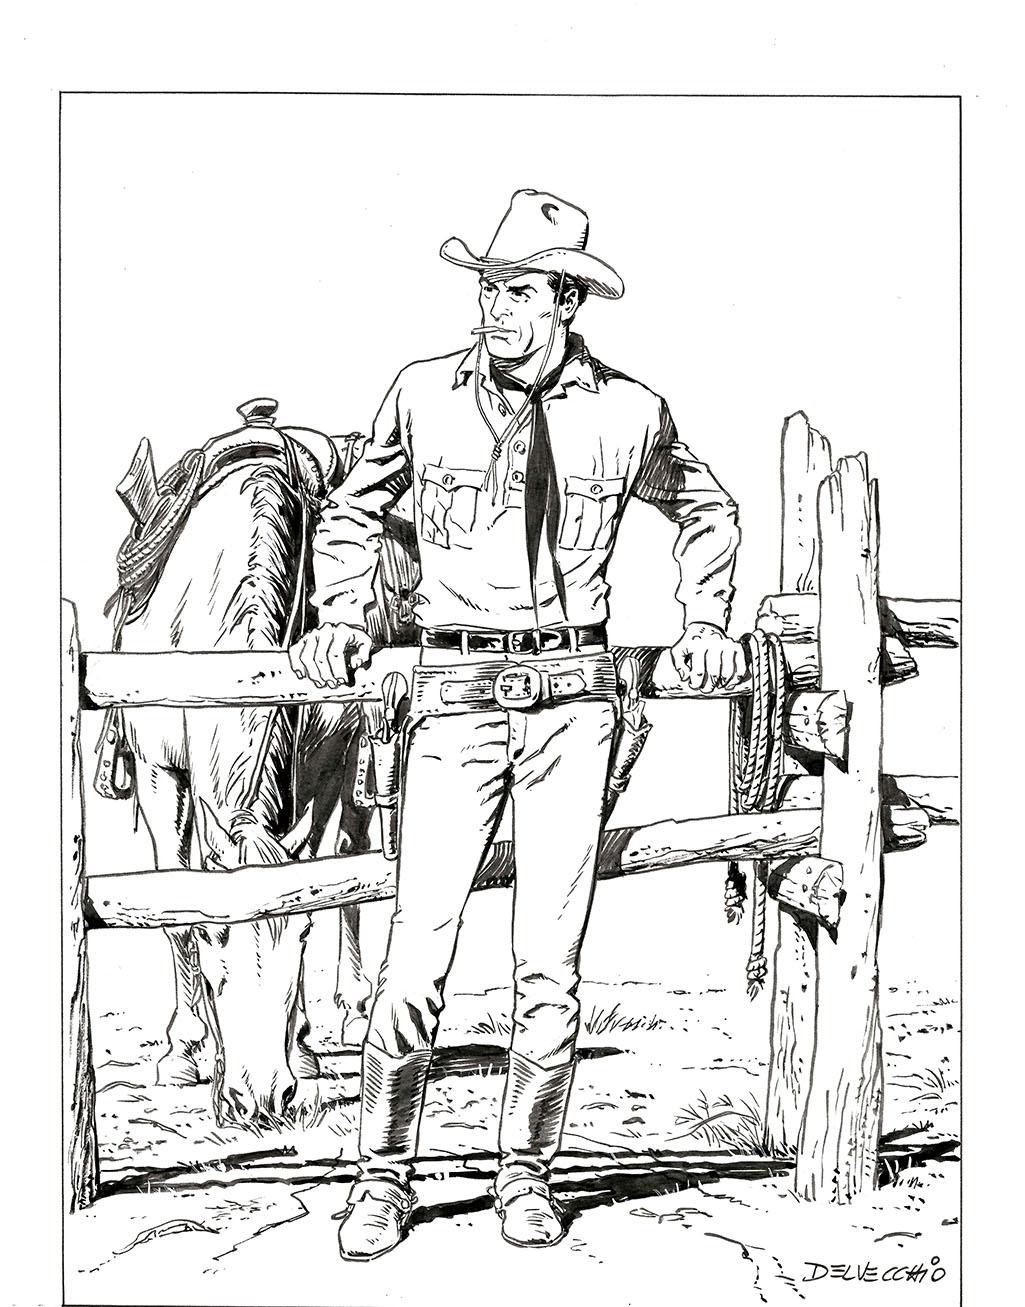 Tex by Pasquale Vecchio (10)